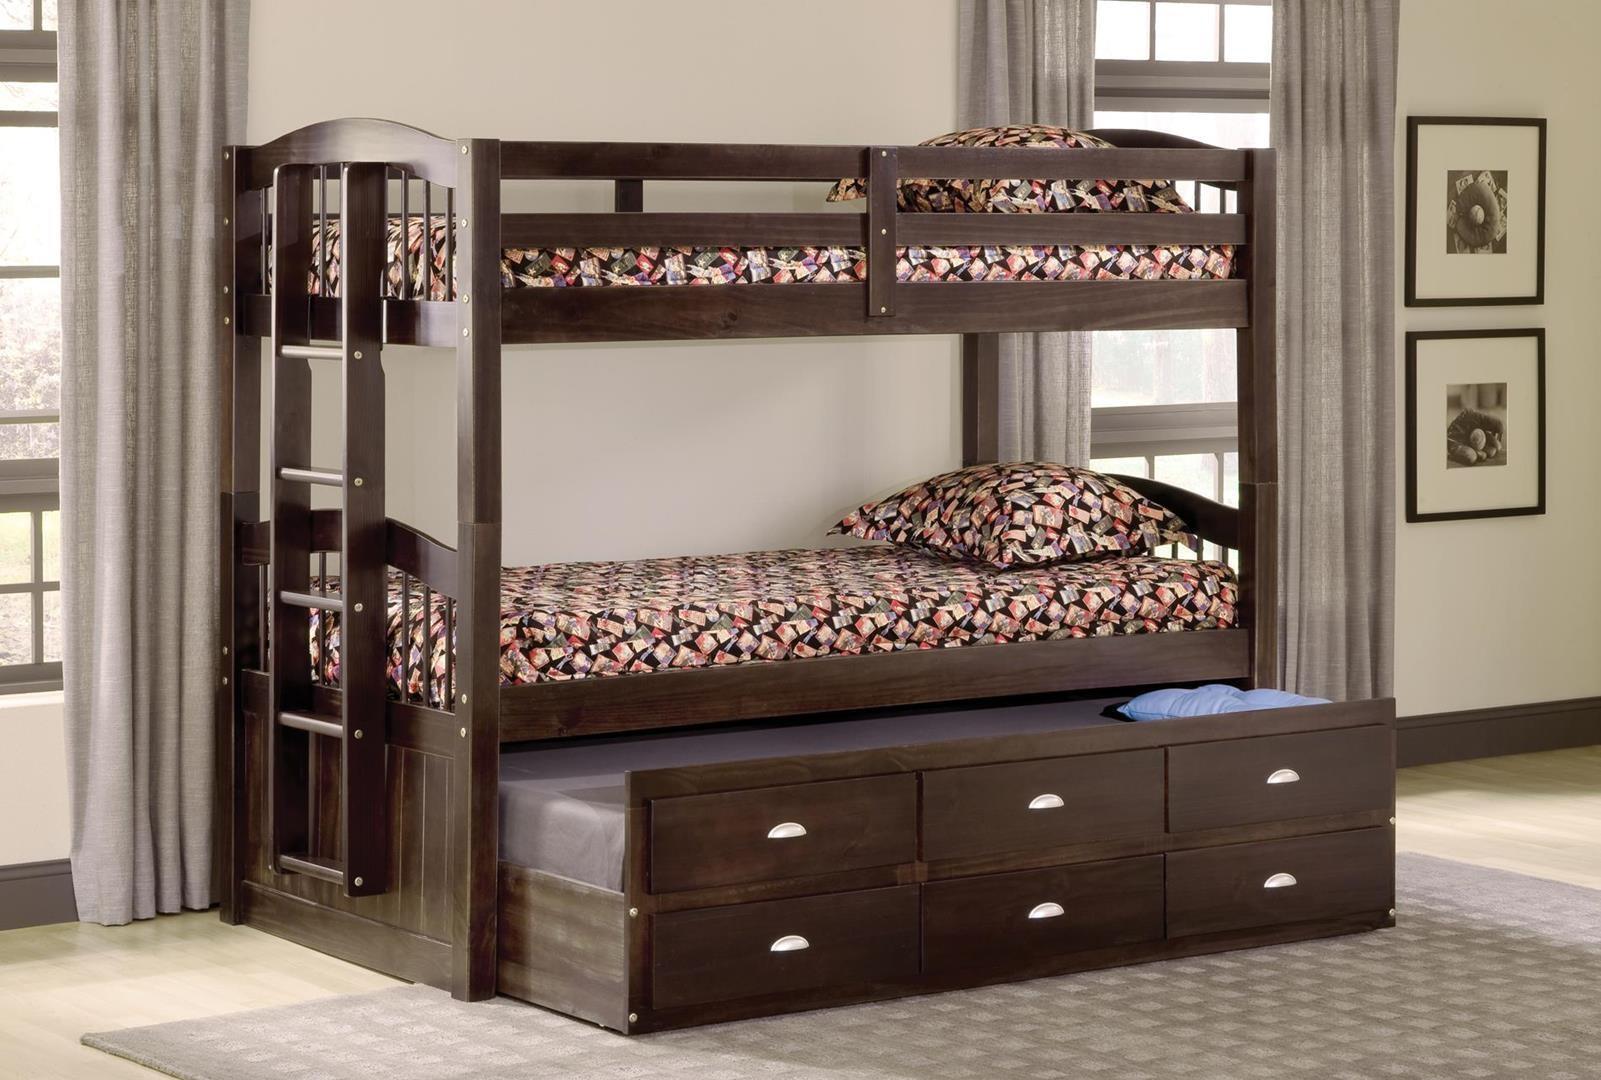 Bernards Bedroom Maddock Twin Twin Captains Bunk Bed 3340